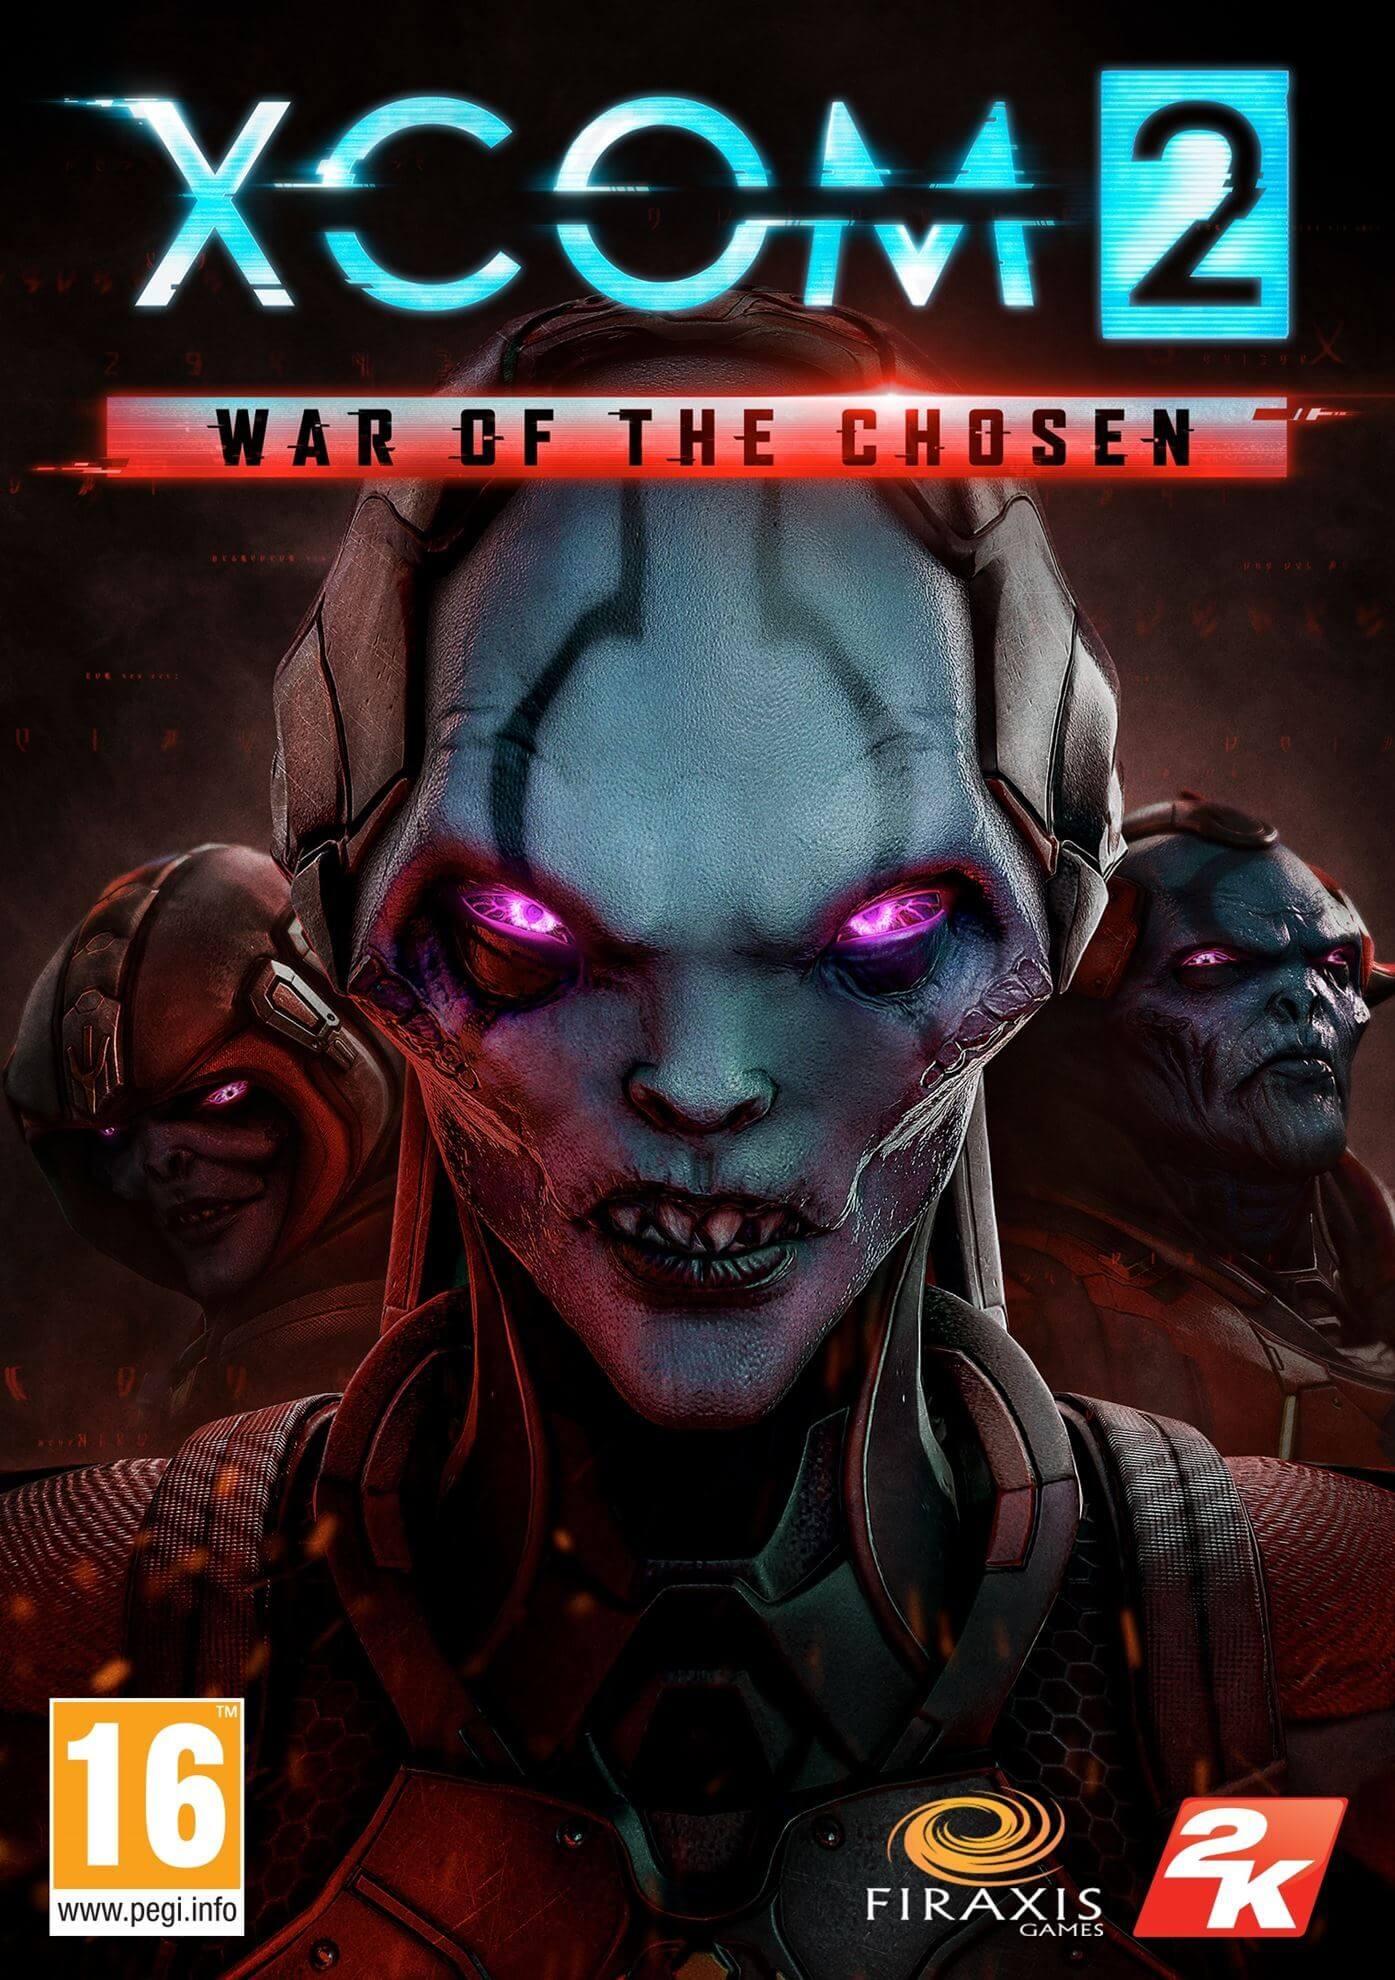 XCOM 2: War of the Chosen (ROW)